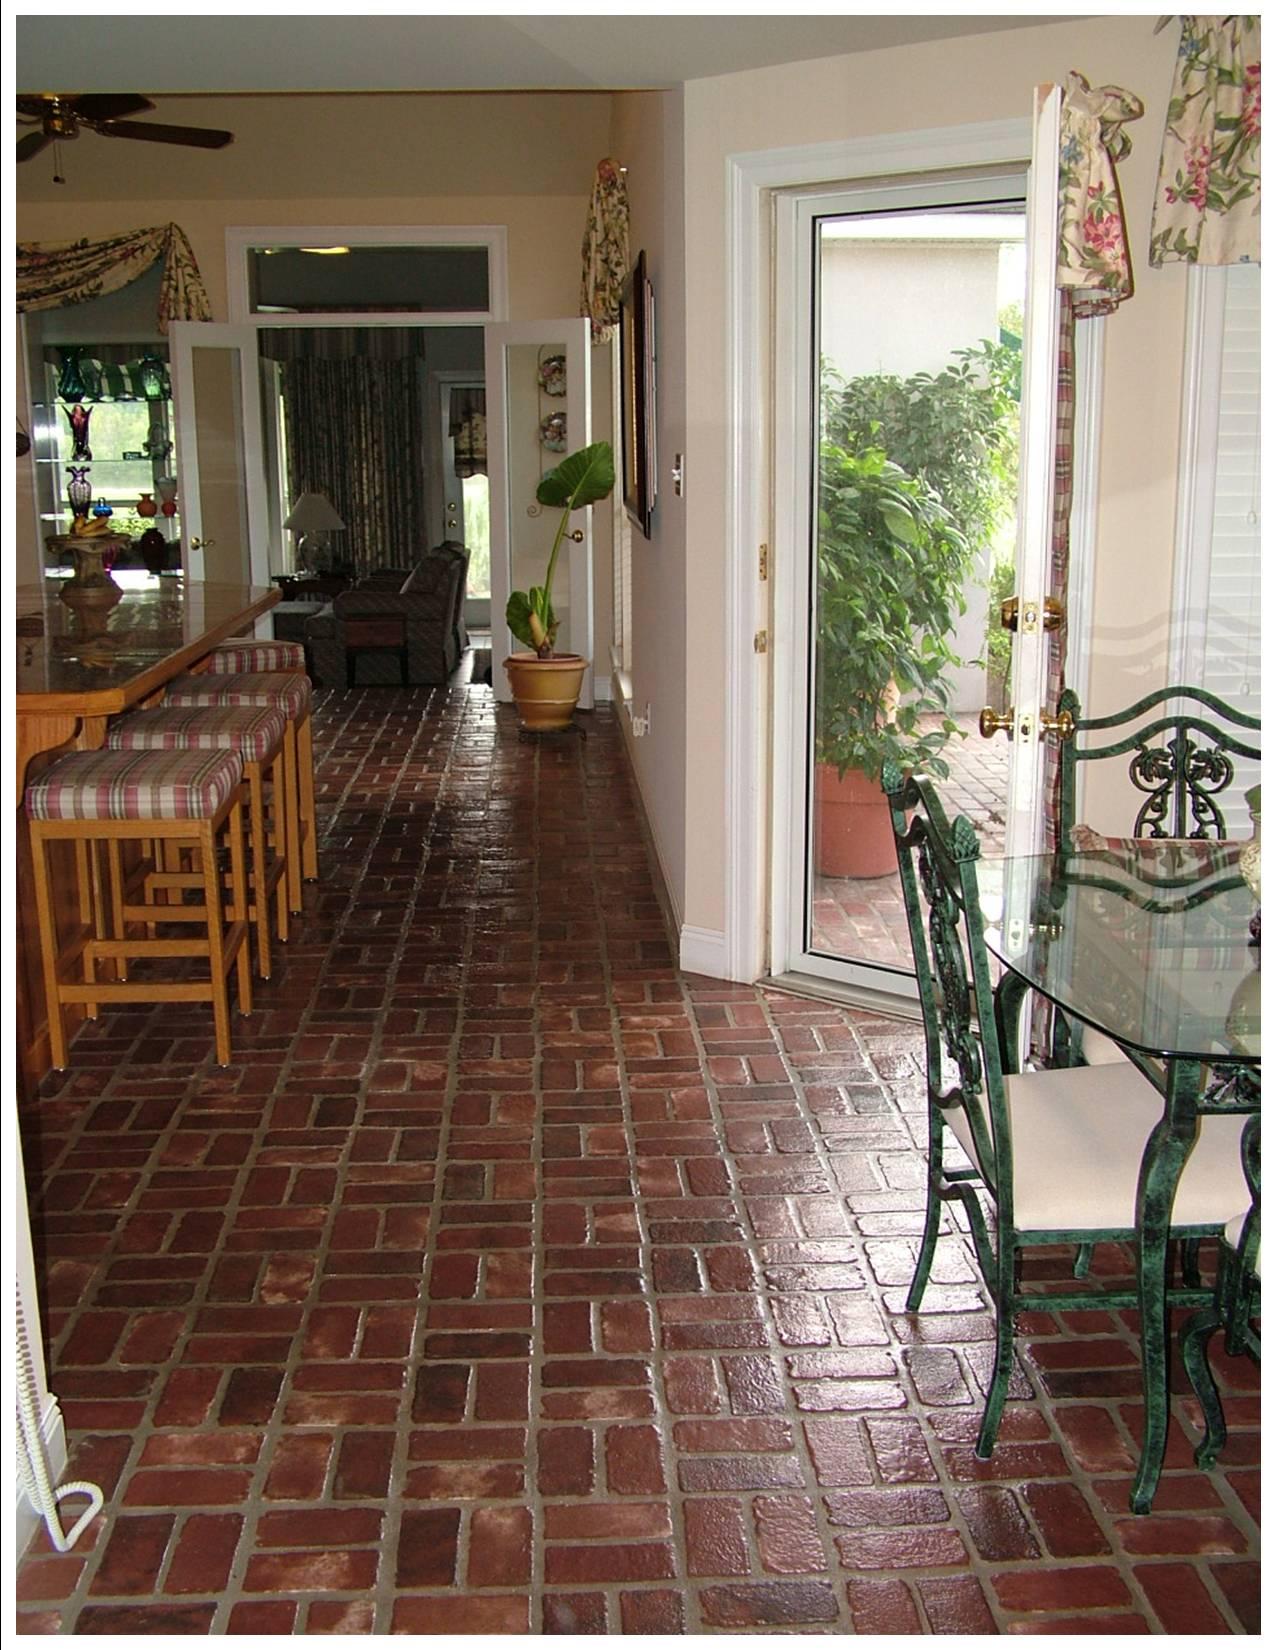 Interior Brick Flooring Pricing : Indoor brick flooring gurus floor